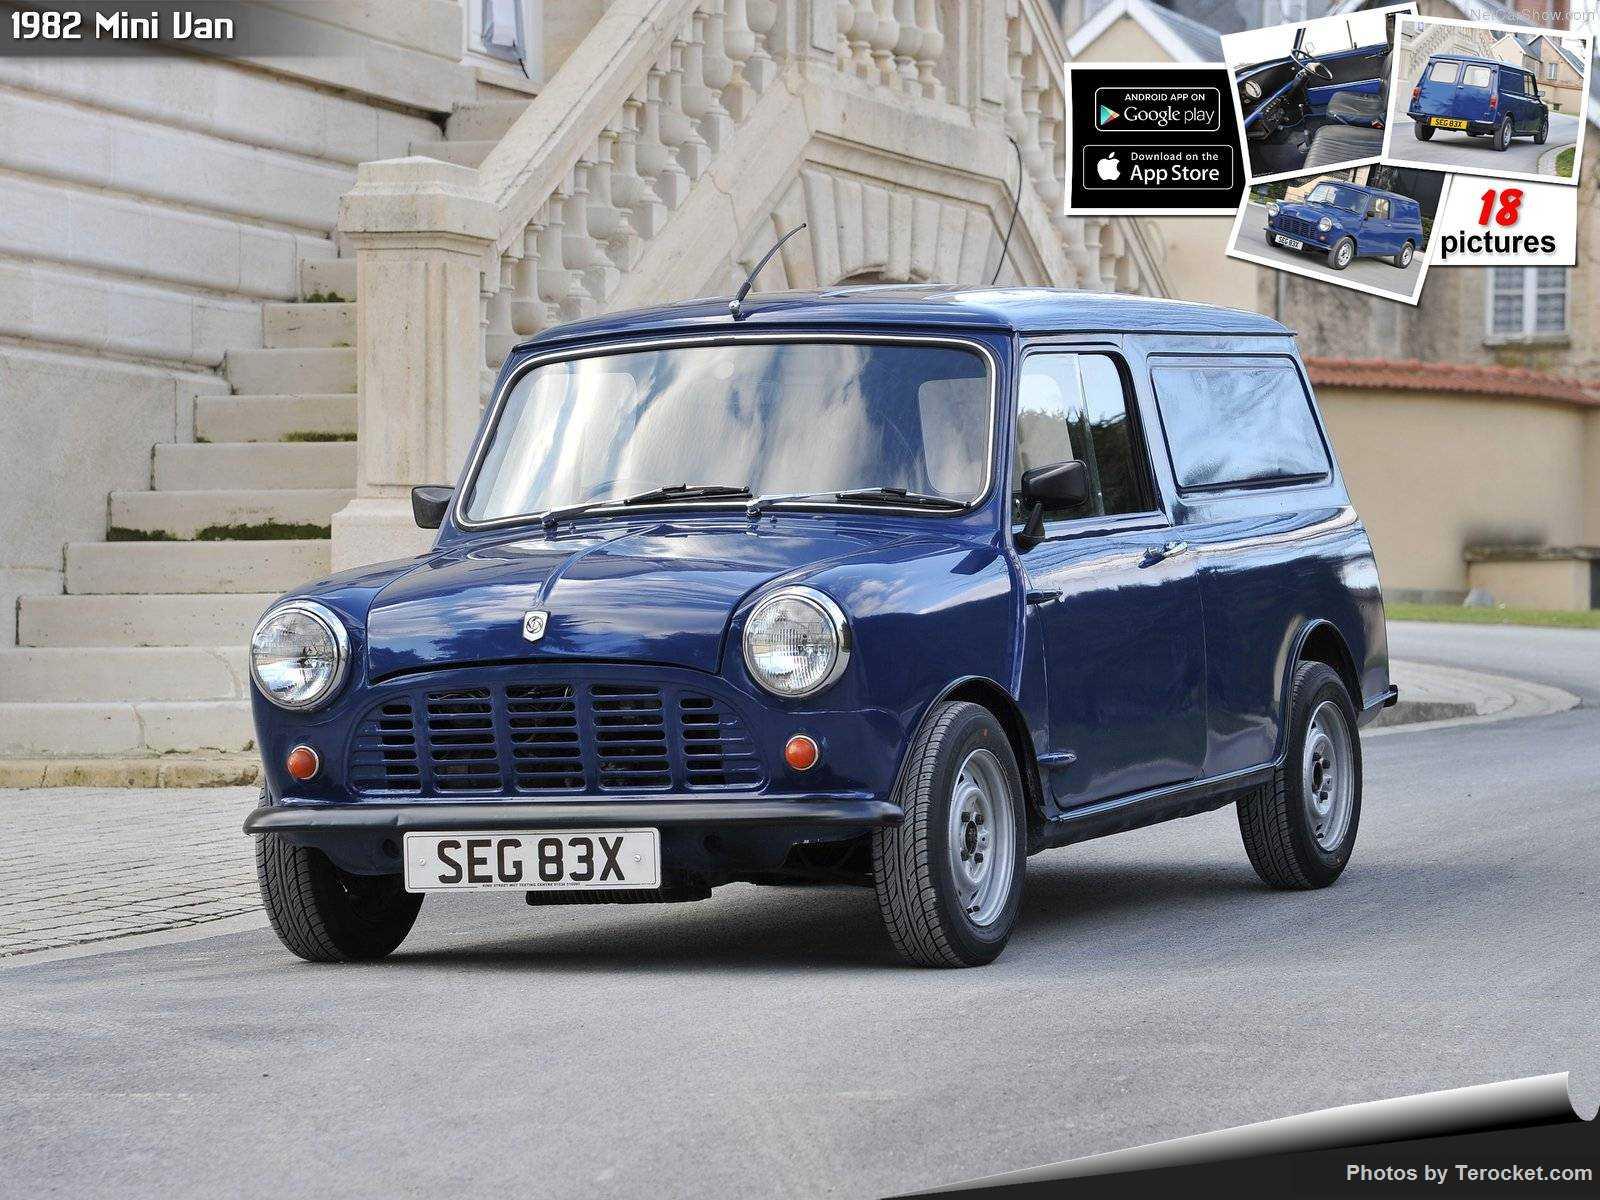 Hình ảnh xe ô tô Mini Van 1982 & nội ngoại thất